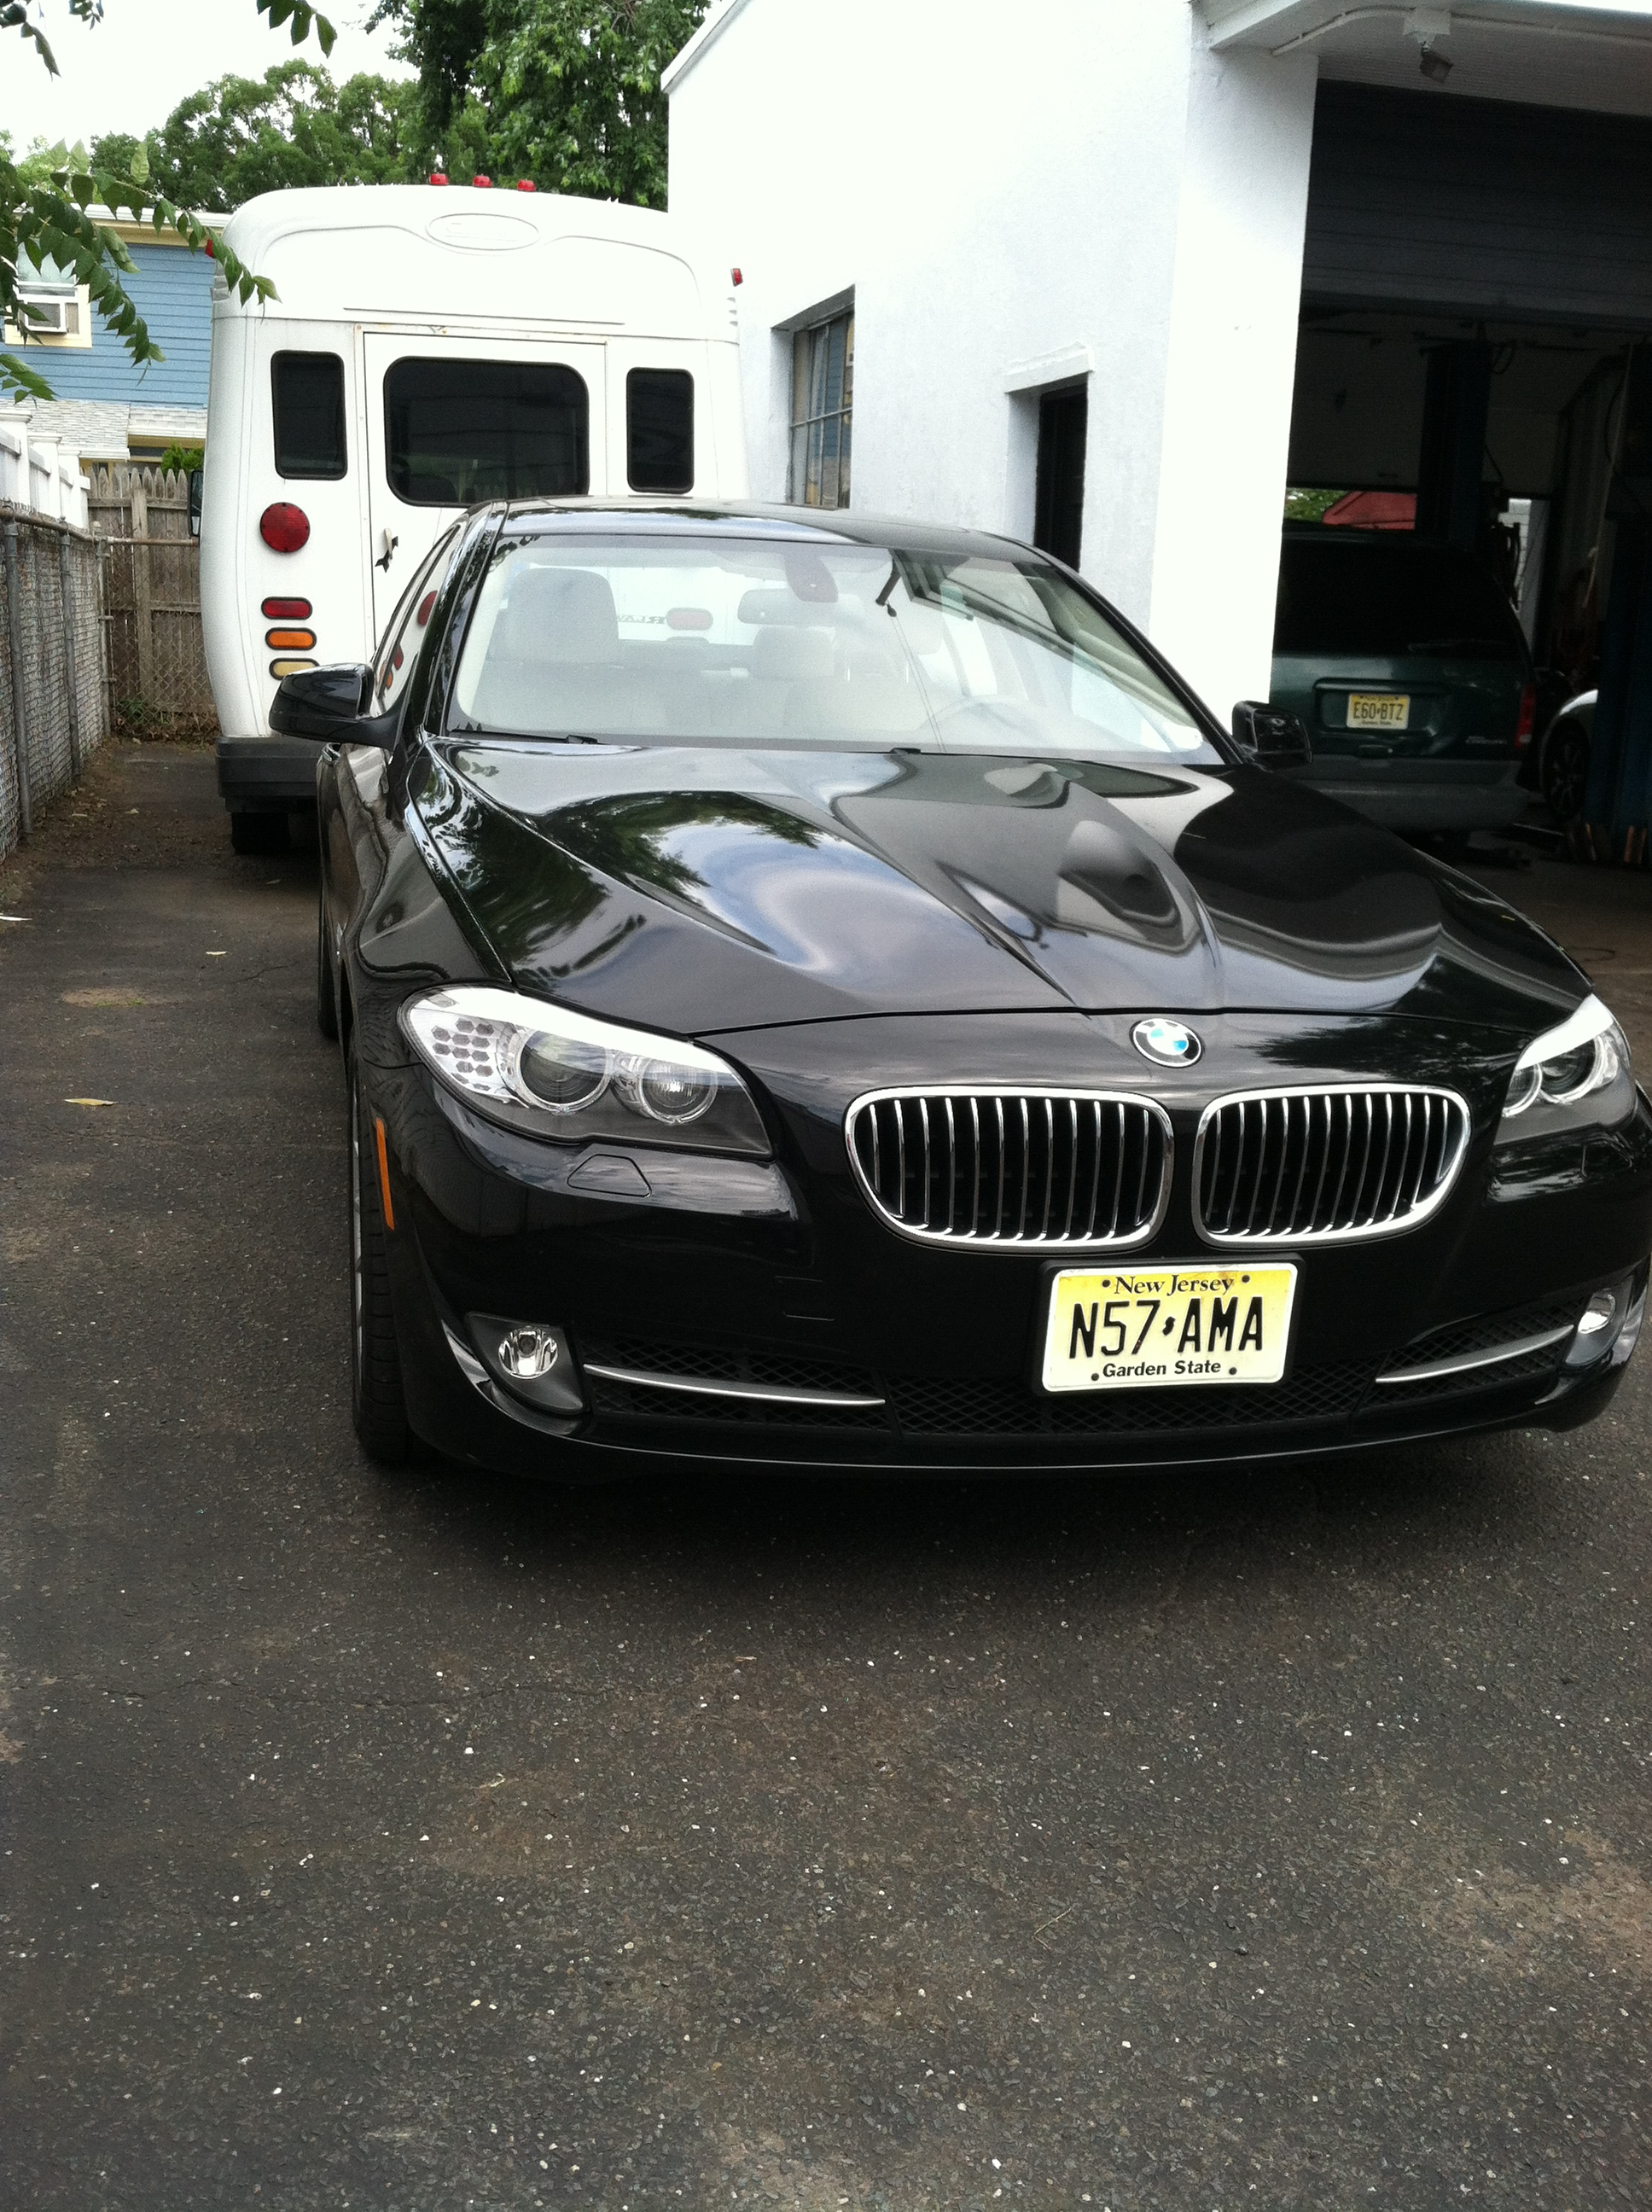 Service Calls Lincoln Ave Auto 973 427 4318 NJ